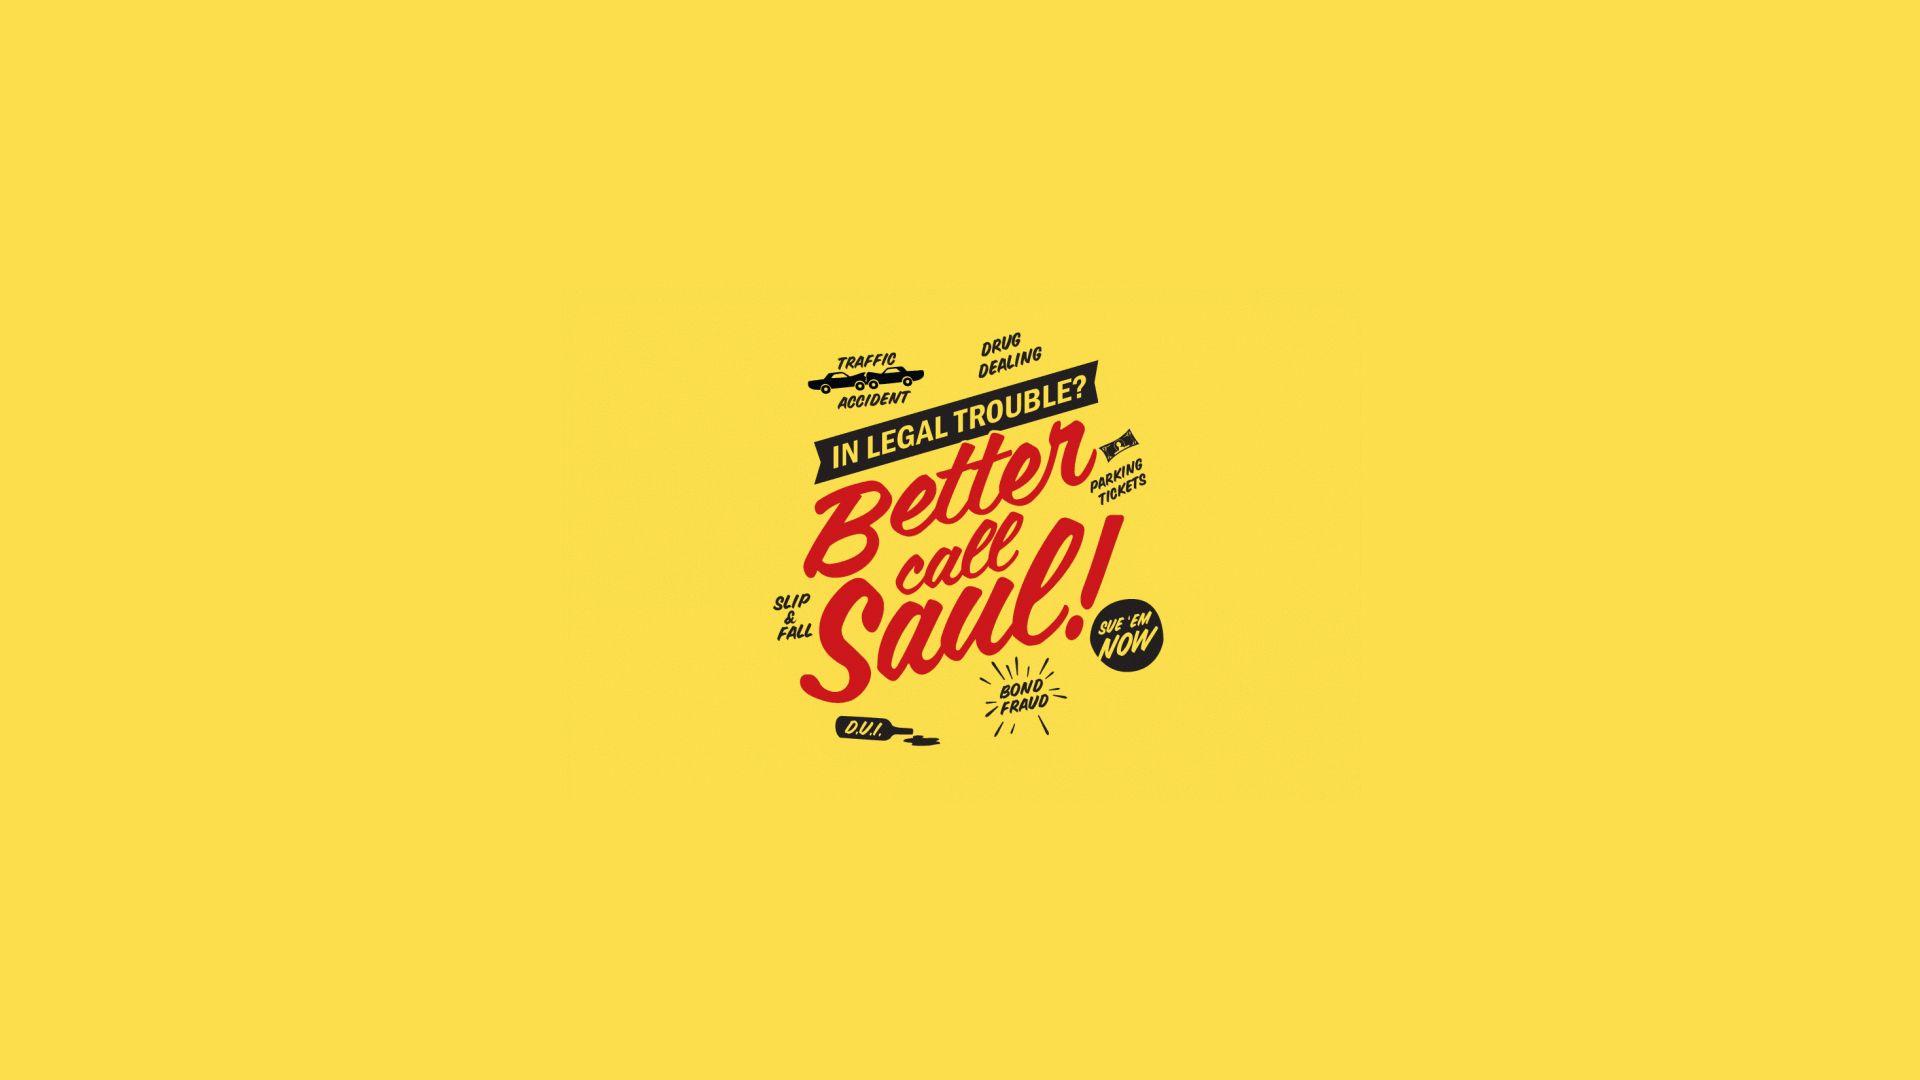 Better Call Saul Wallpaper 65236 1920x1080px 1920x1080